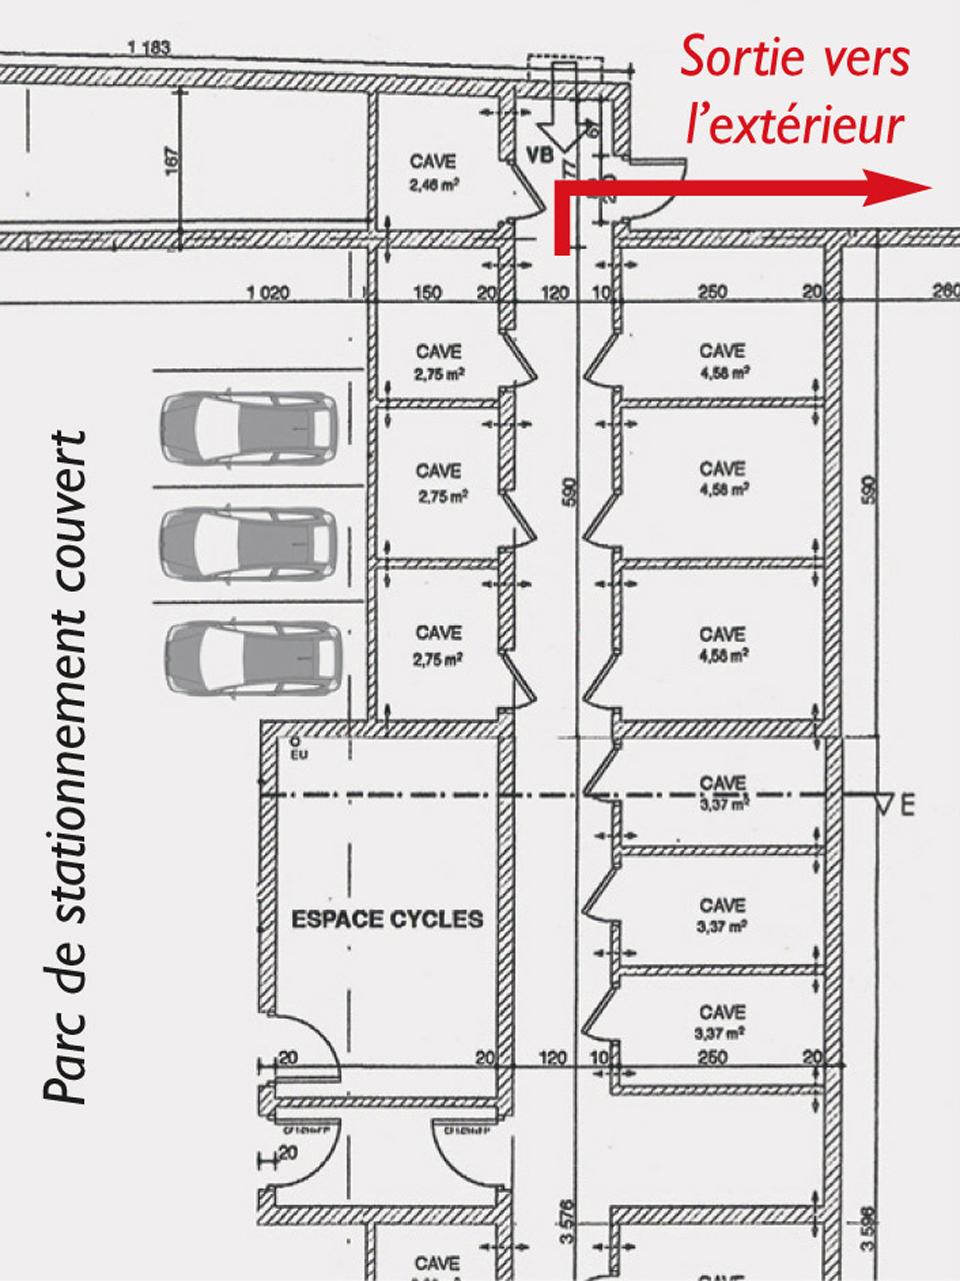 Plan d'évacuation d'un parc de stationnement couvert et des caves avec une sortie vers l'extérieur